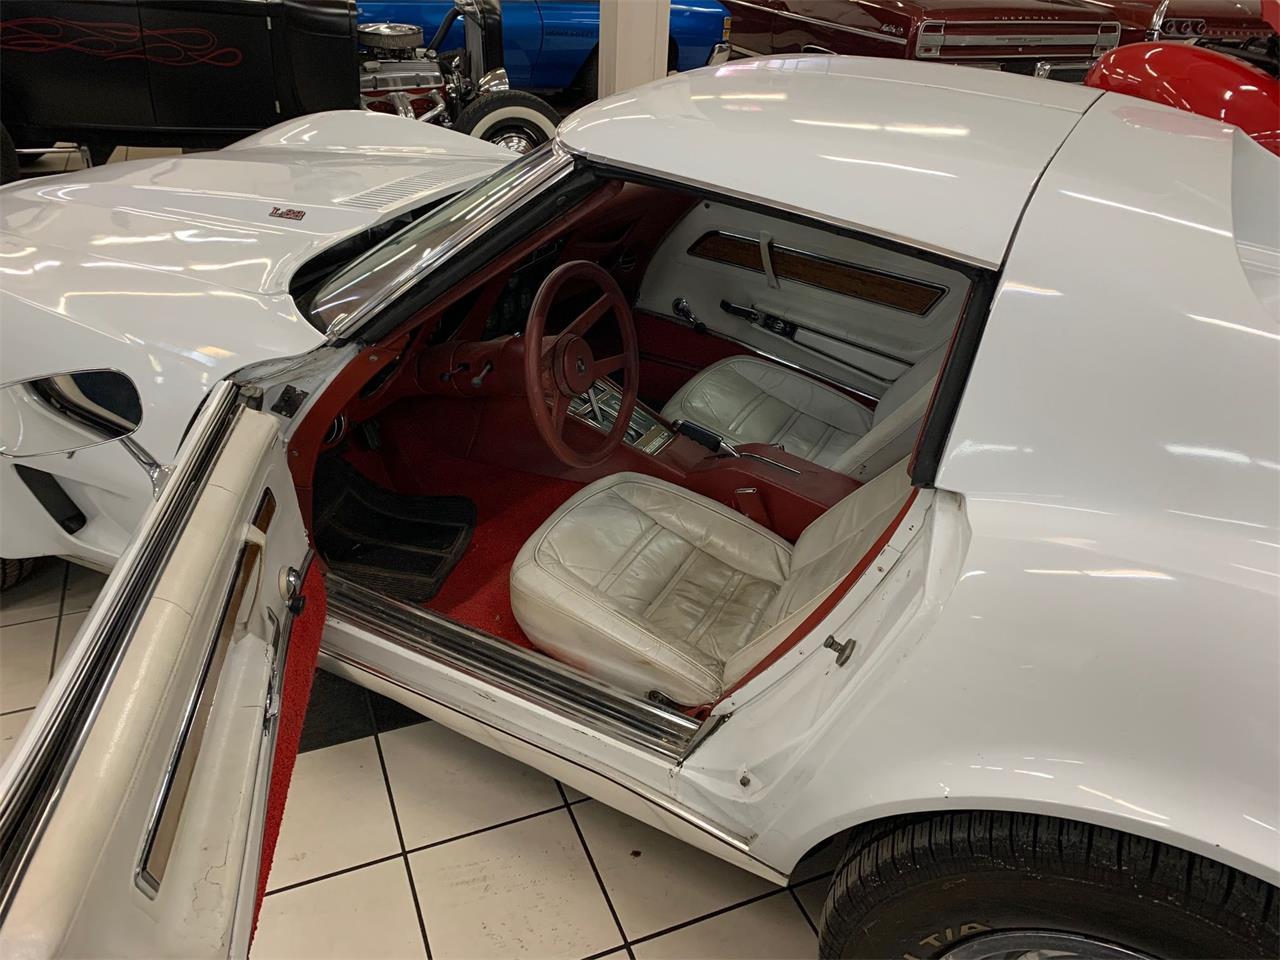 1976 Chevrolet Corvette Stingray (CC-1334715) for sale in Annandale, Minnesota